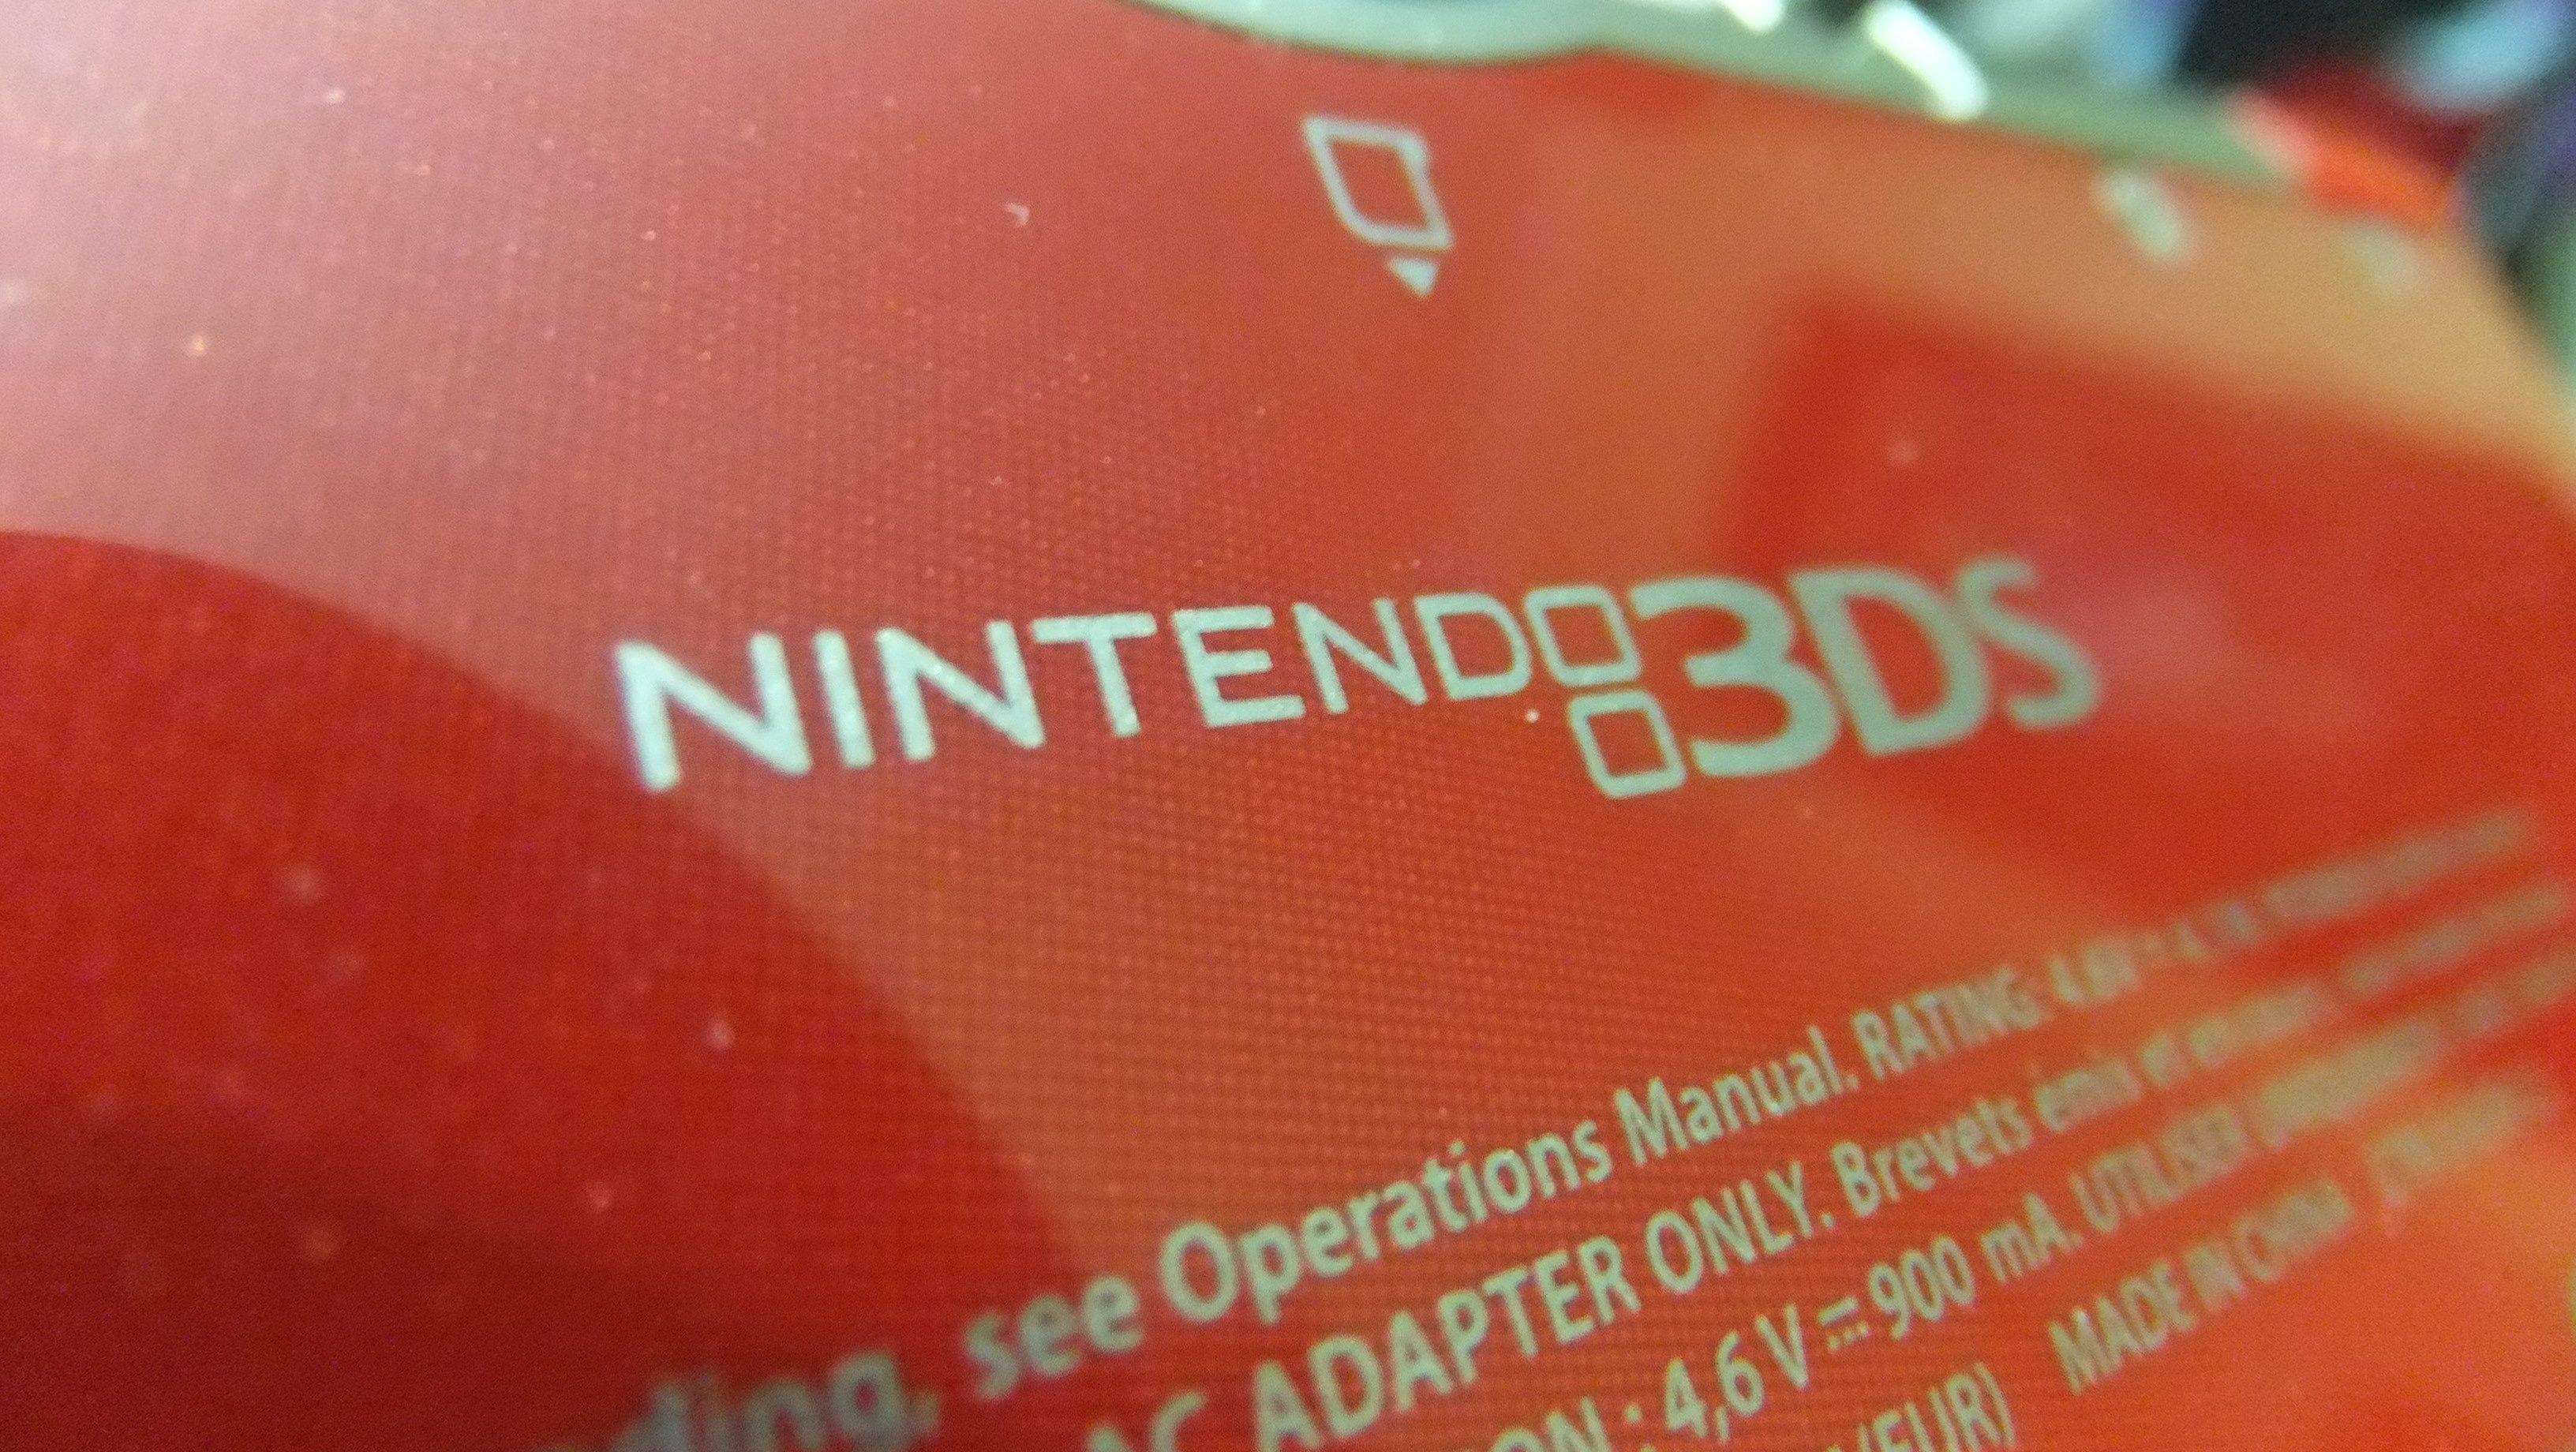 Главное из директа - демка Bravely Default уже доступна, кошелек 3DS и WiiU объединят, Miiverse и YouTube для 3DS в  .... - Изображение 1